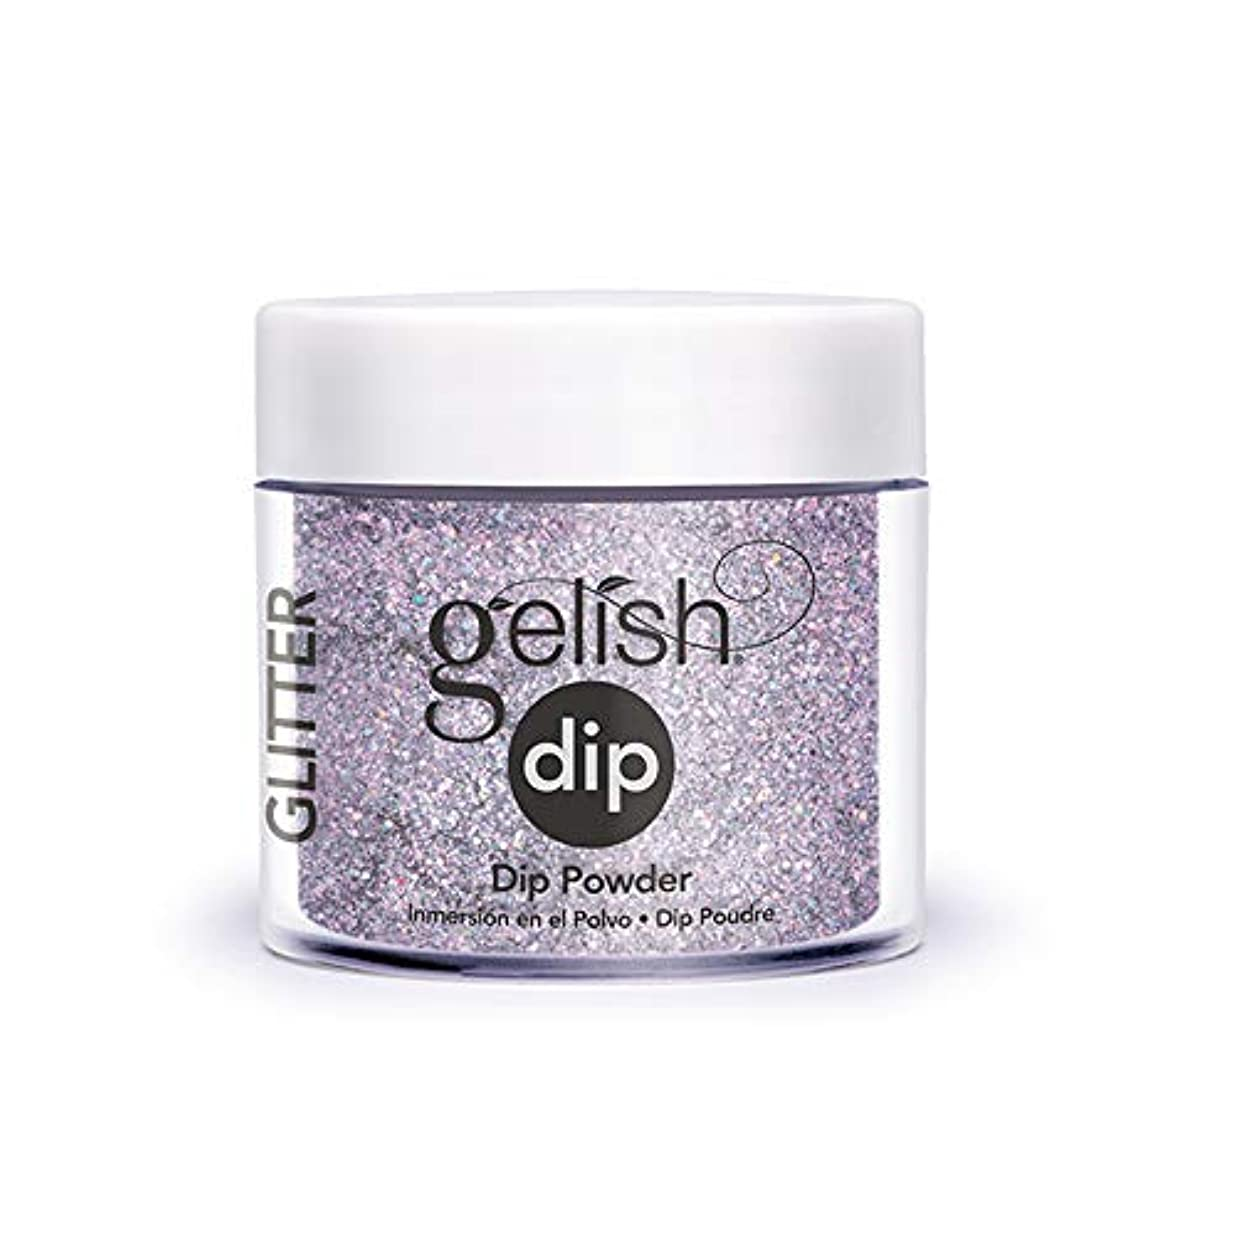 ソーセージラジエーター優雅なHarmony Gelish - Acrylic Dip Powder - Make A Statement - 23g / 0.8oz